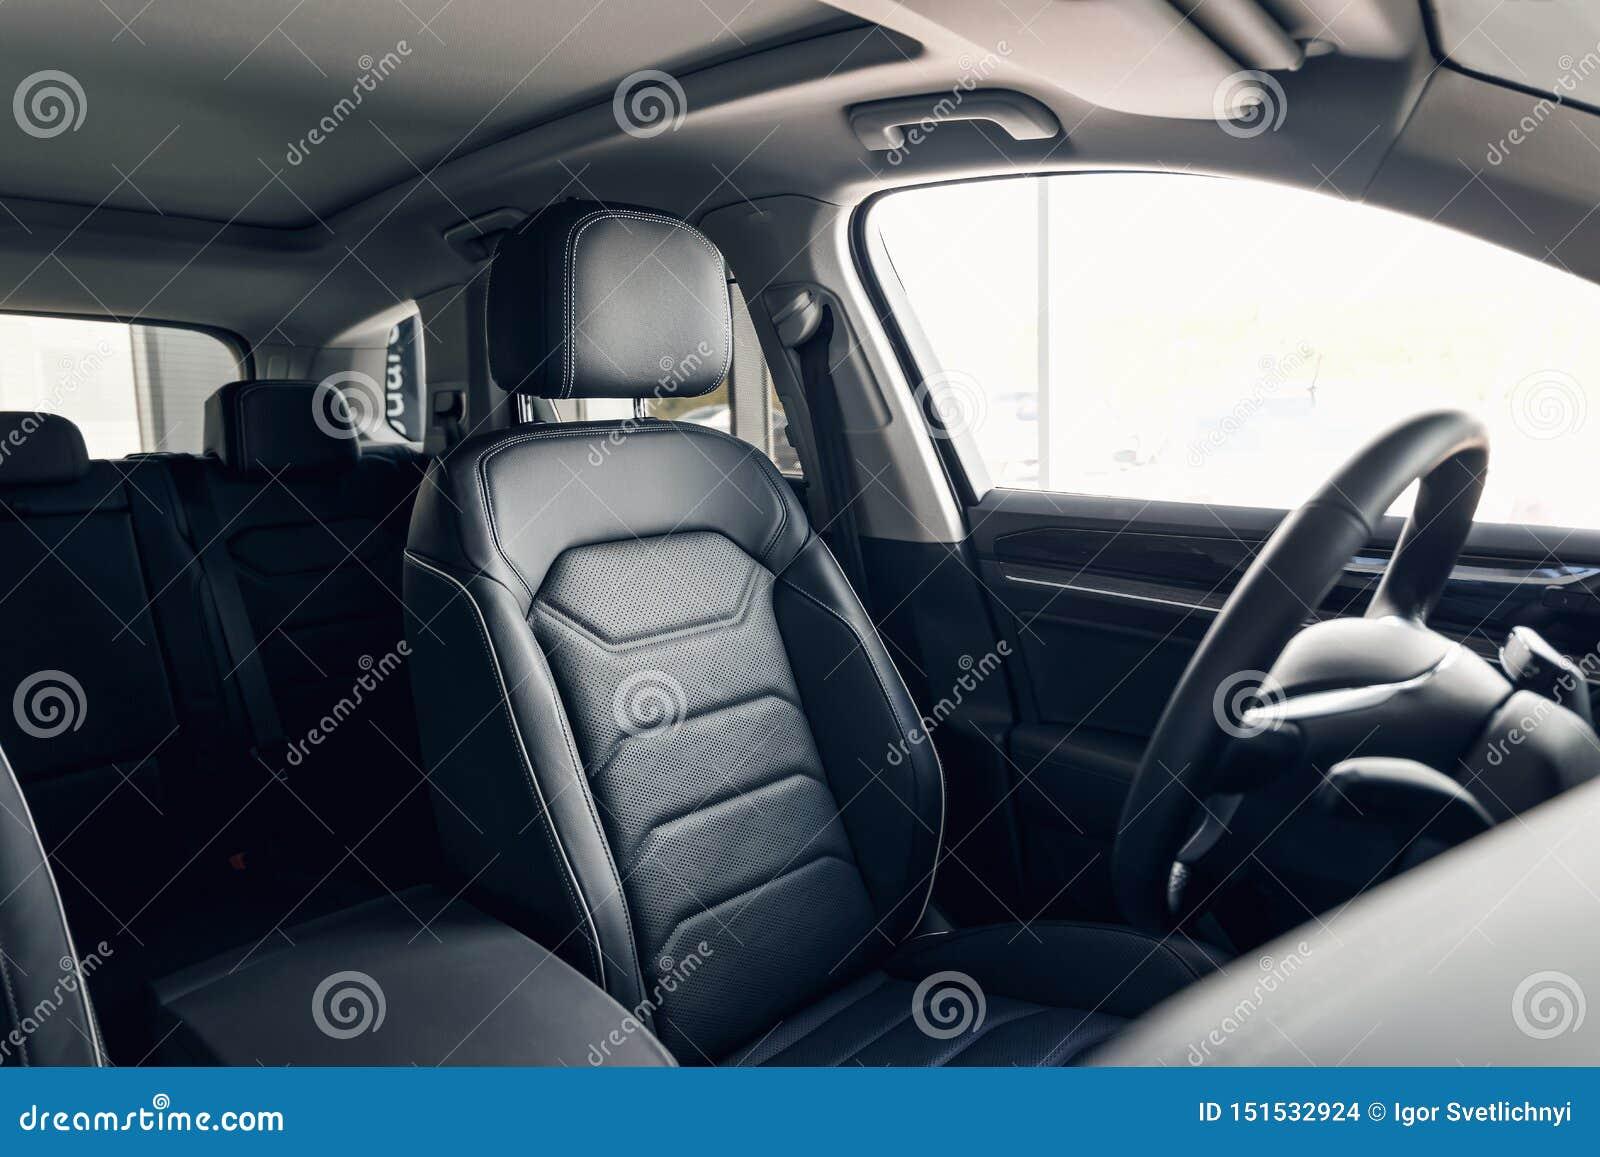 Interior de cuero negro del coche Tablero de instrumentos del coche moderno y volante interiores Interior de cuero perforado del